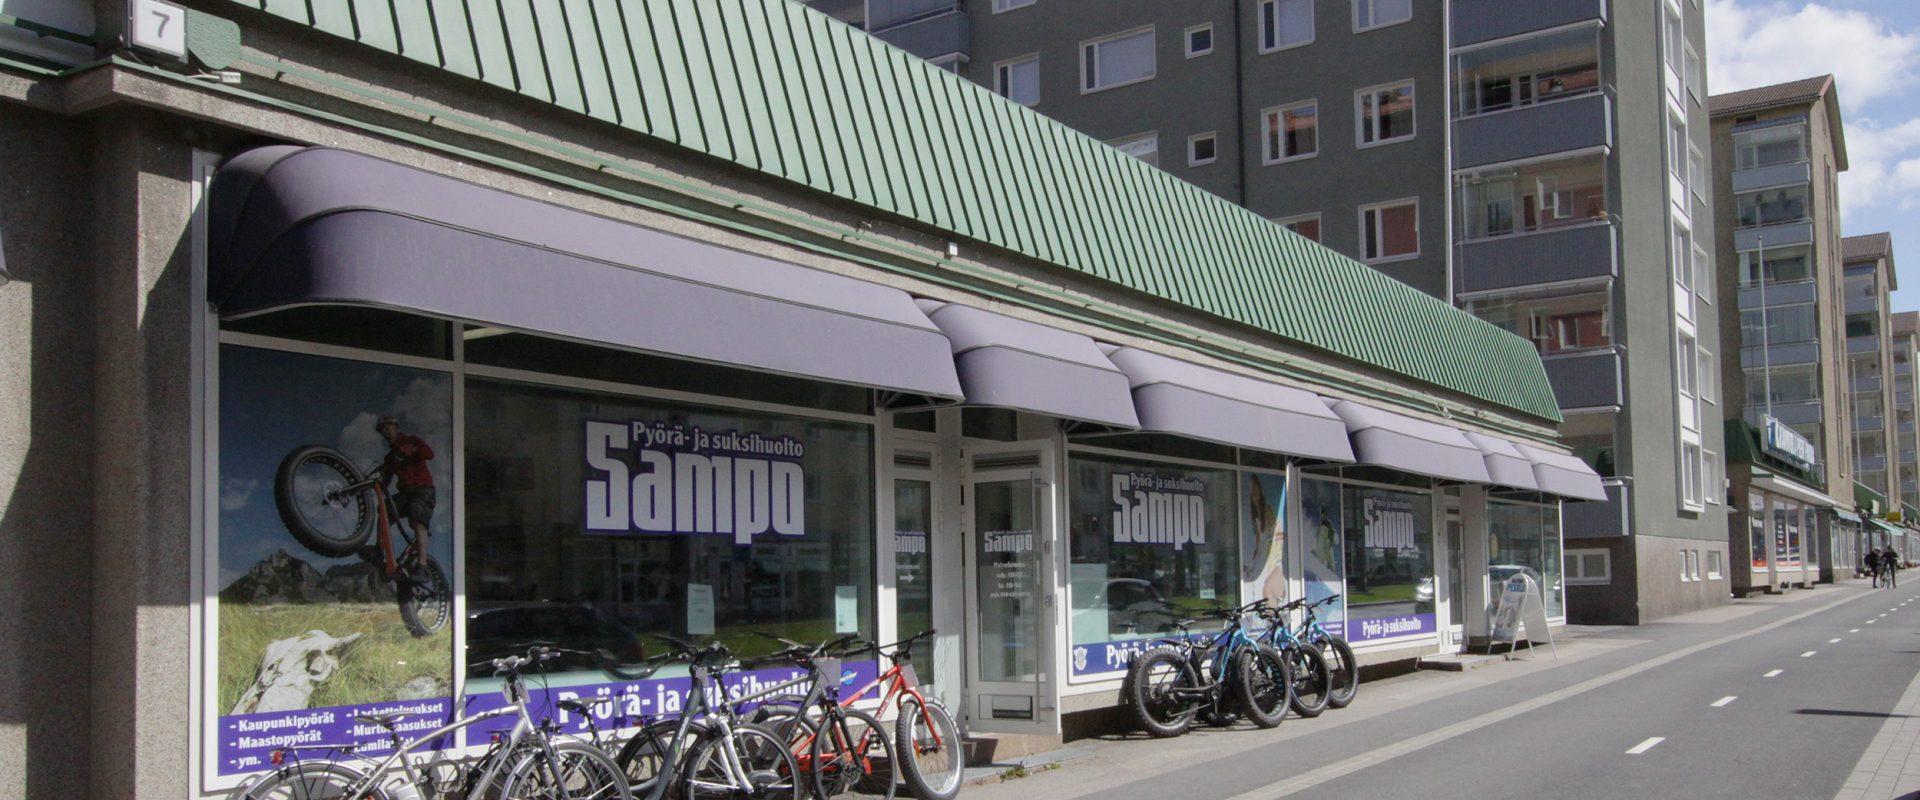 Pyörähuolto Tampereen Sammonkadulla | Pyöräpaja Sampo